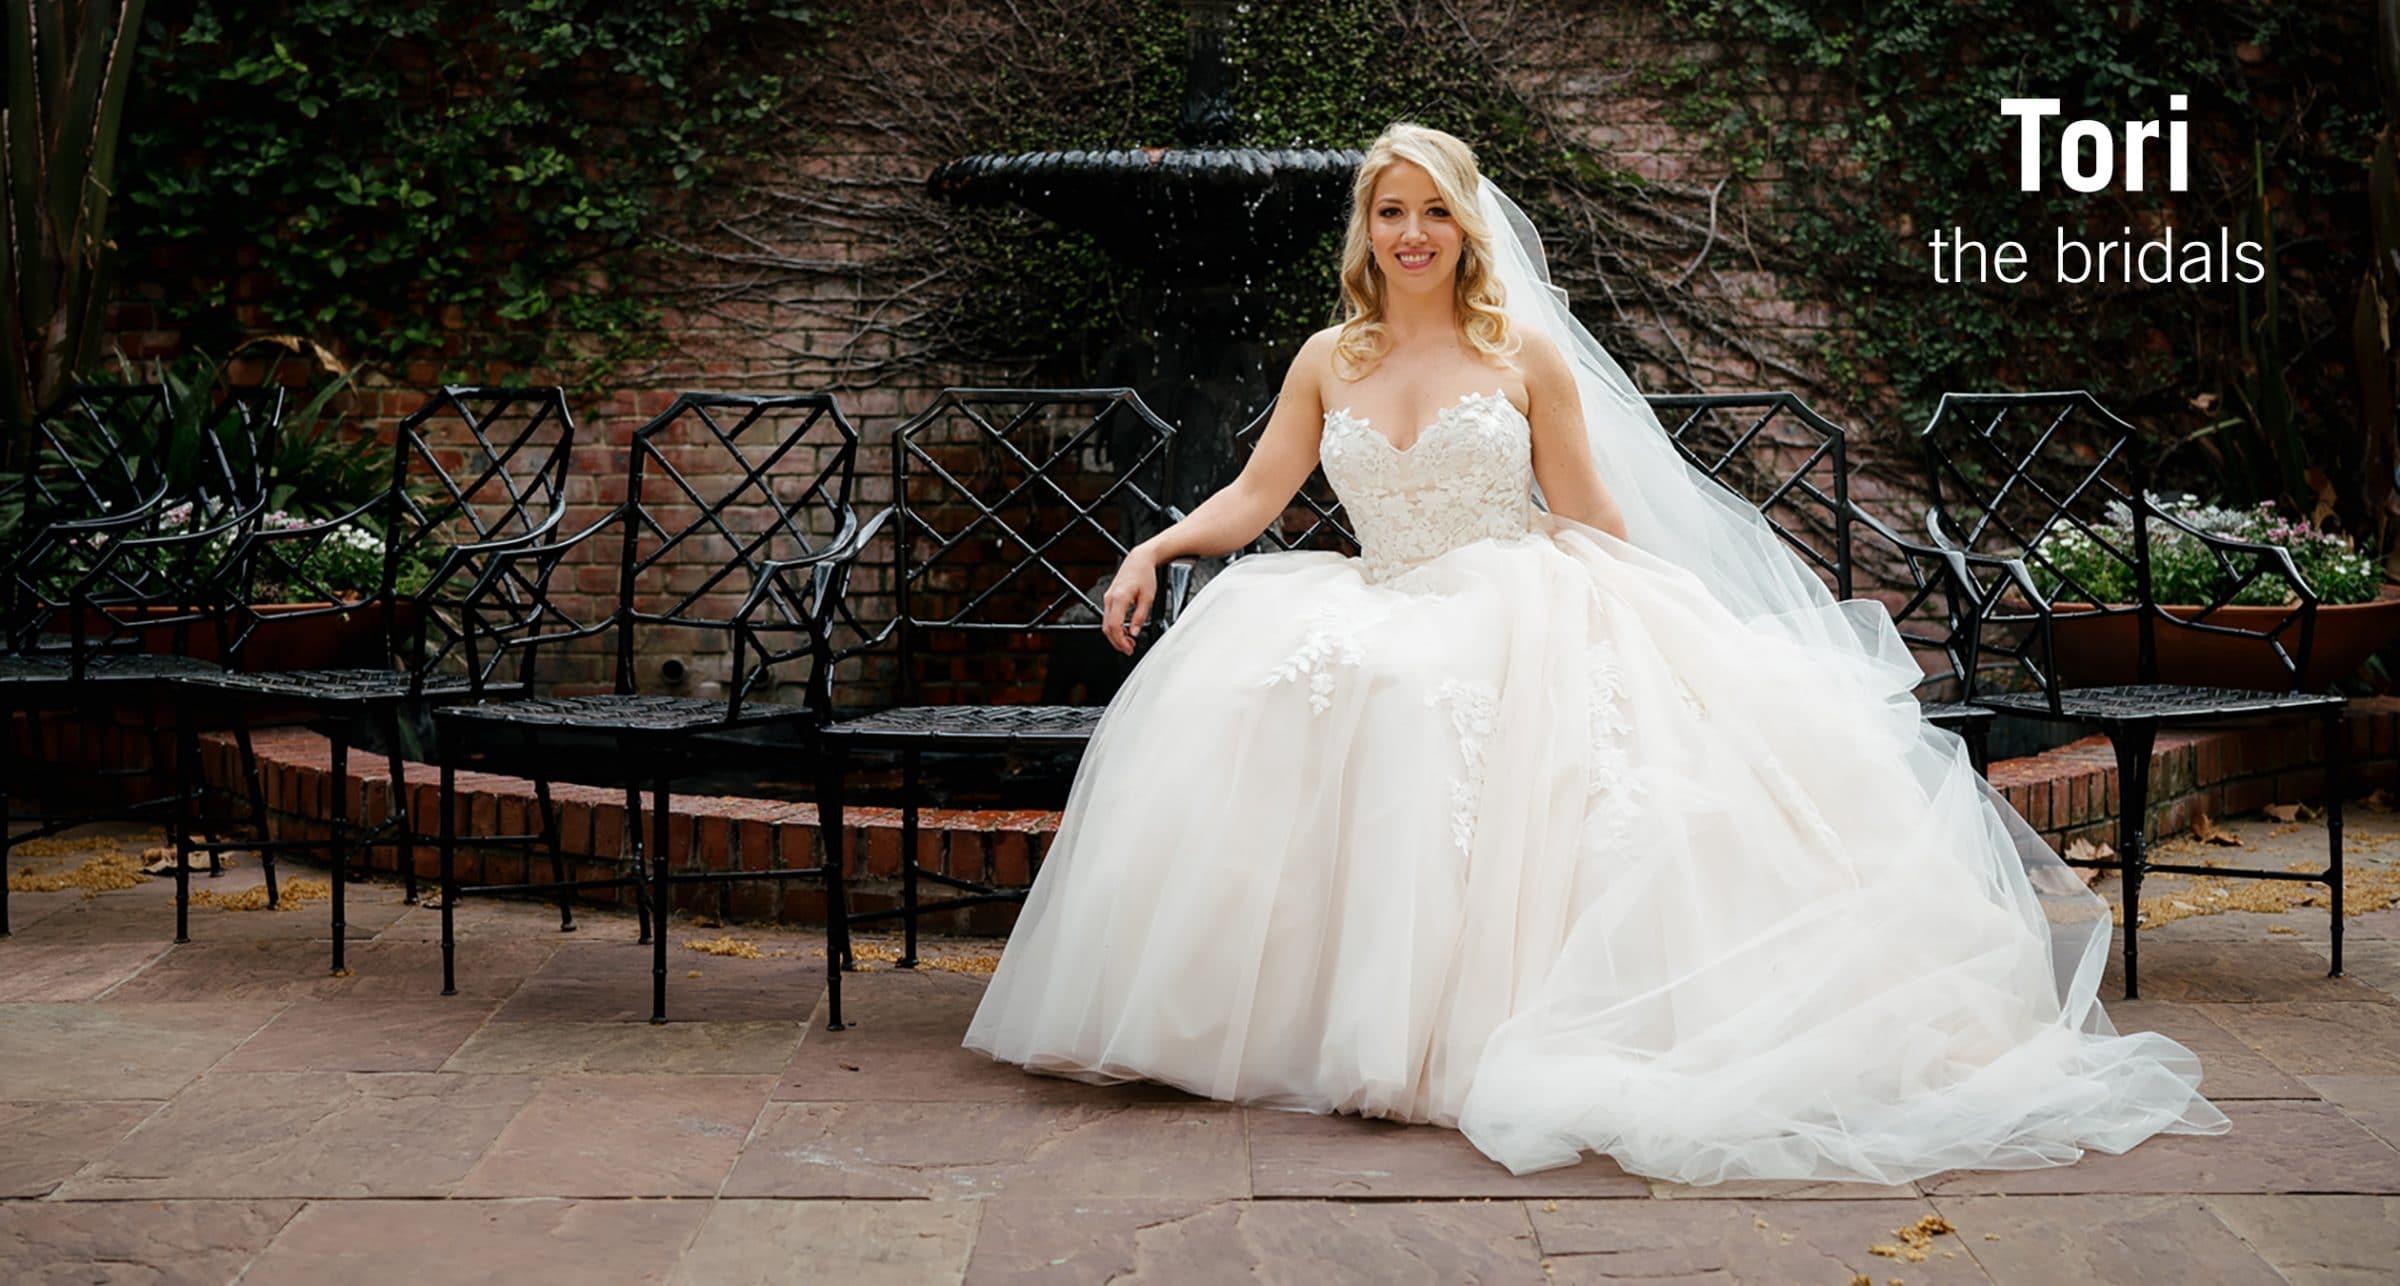 toris bridals